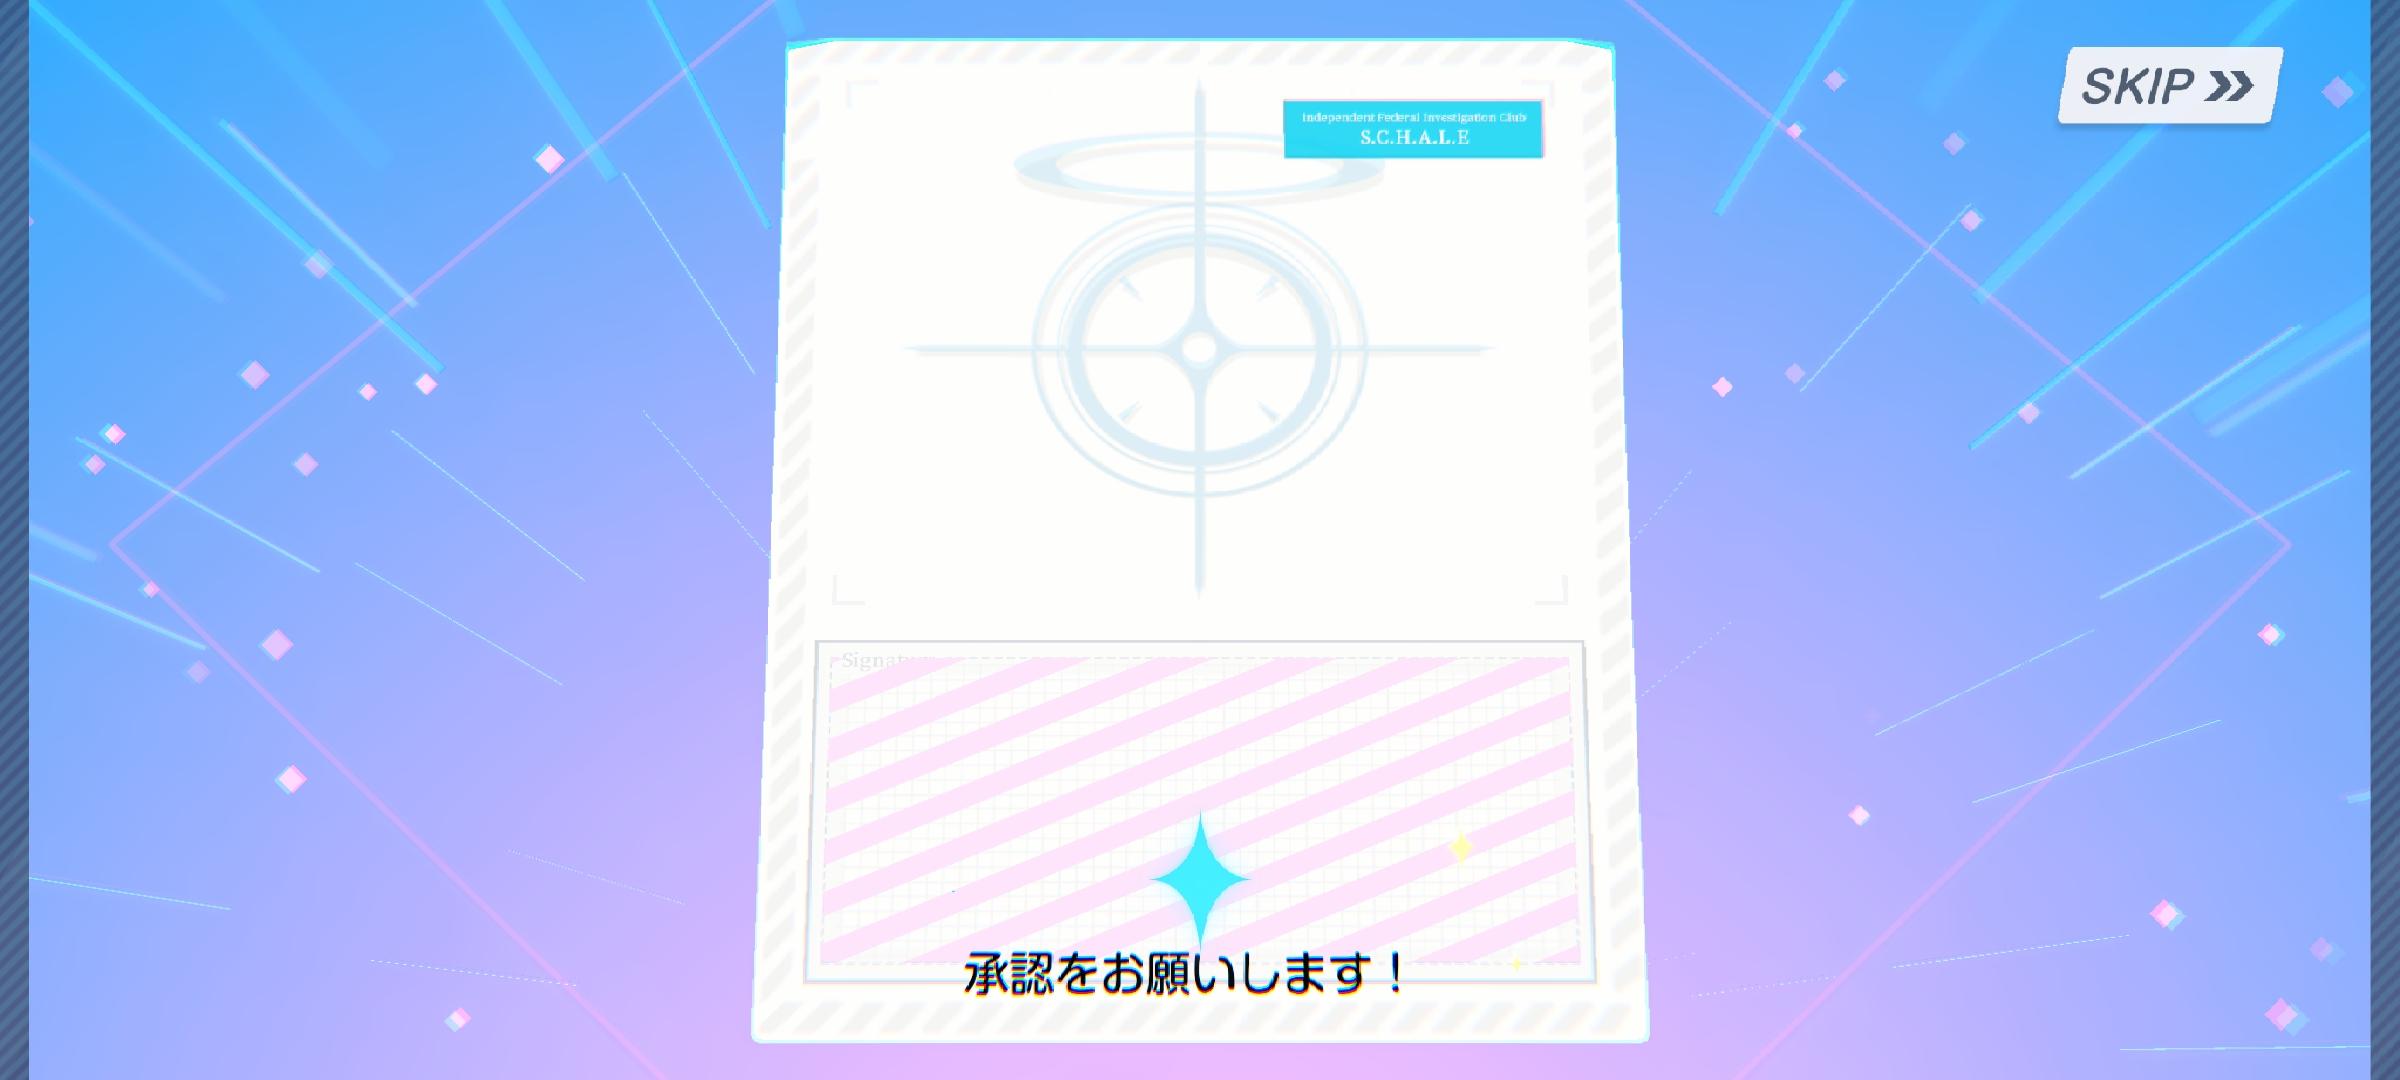 Screenshot_20210220-000132.jpg